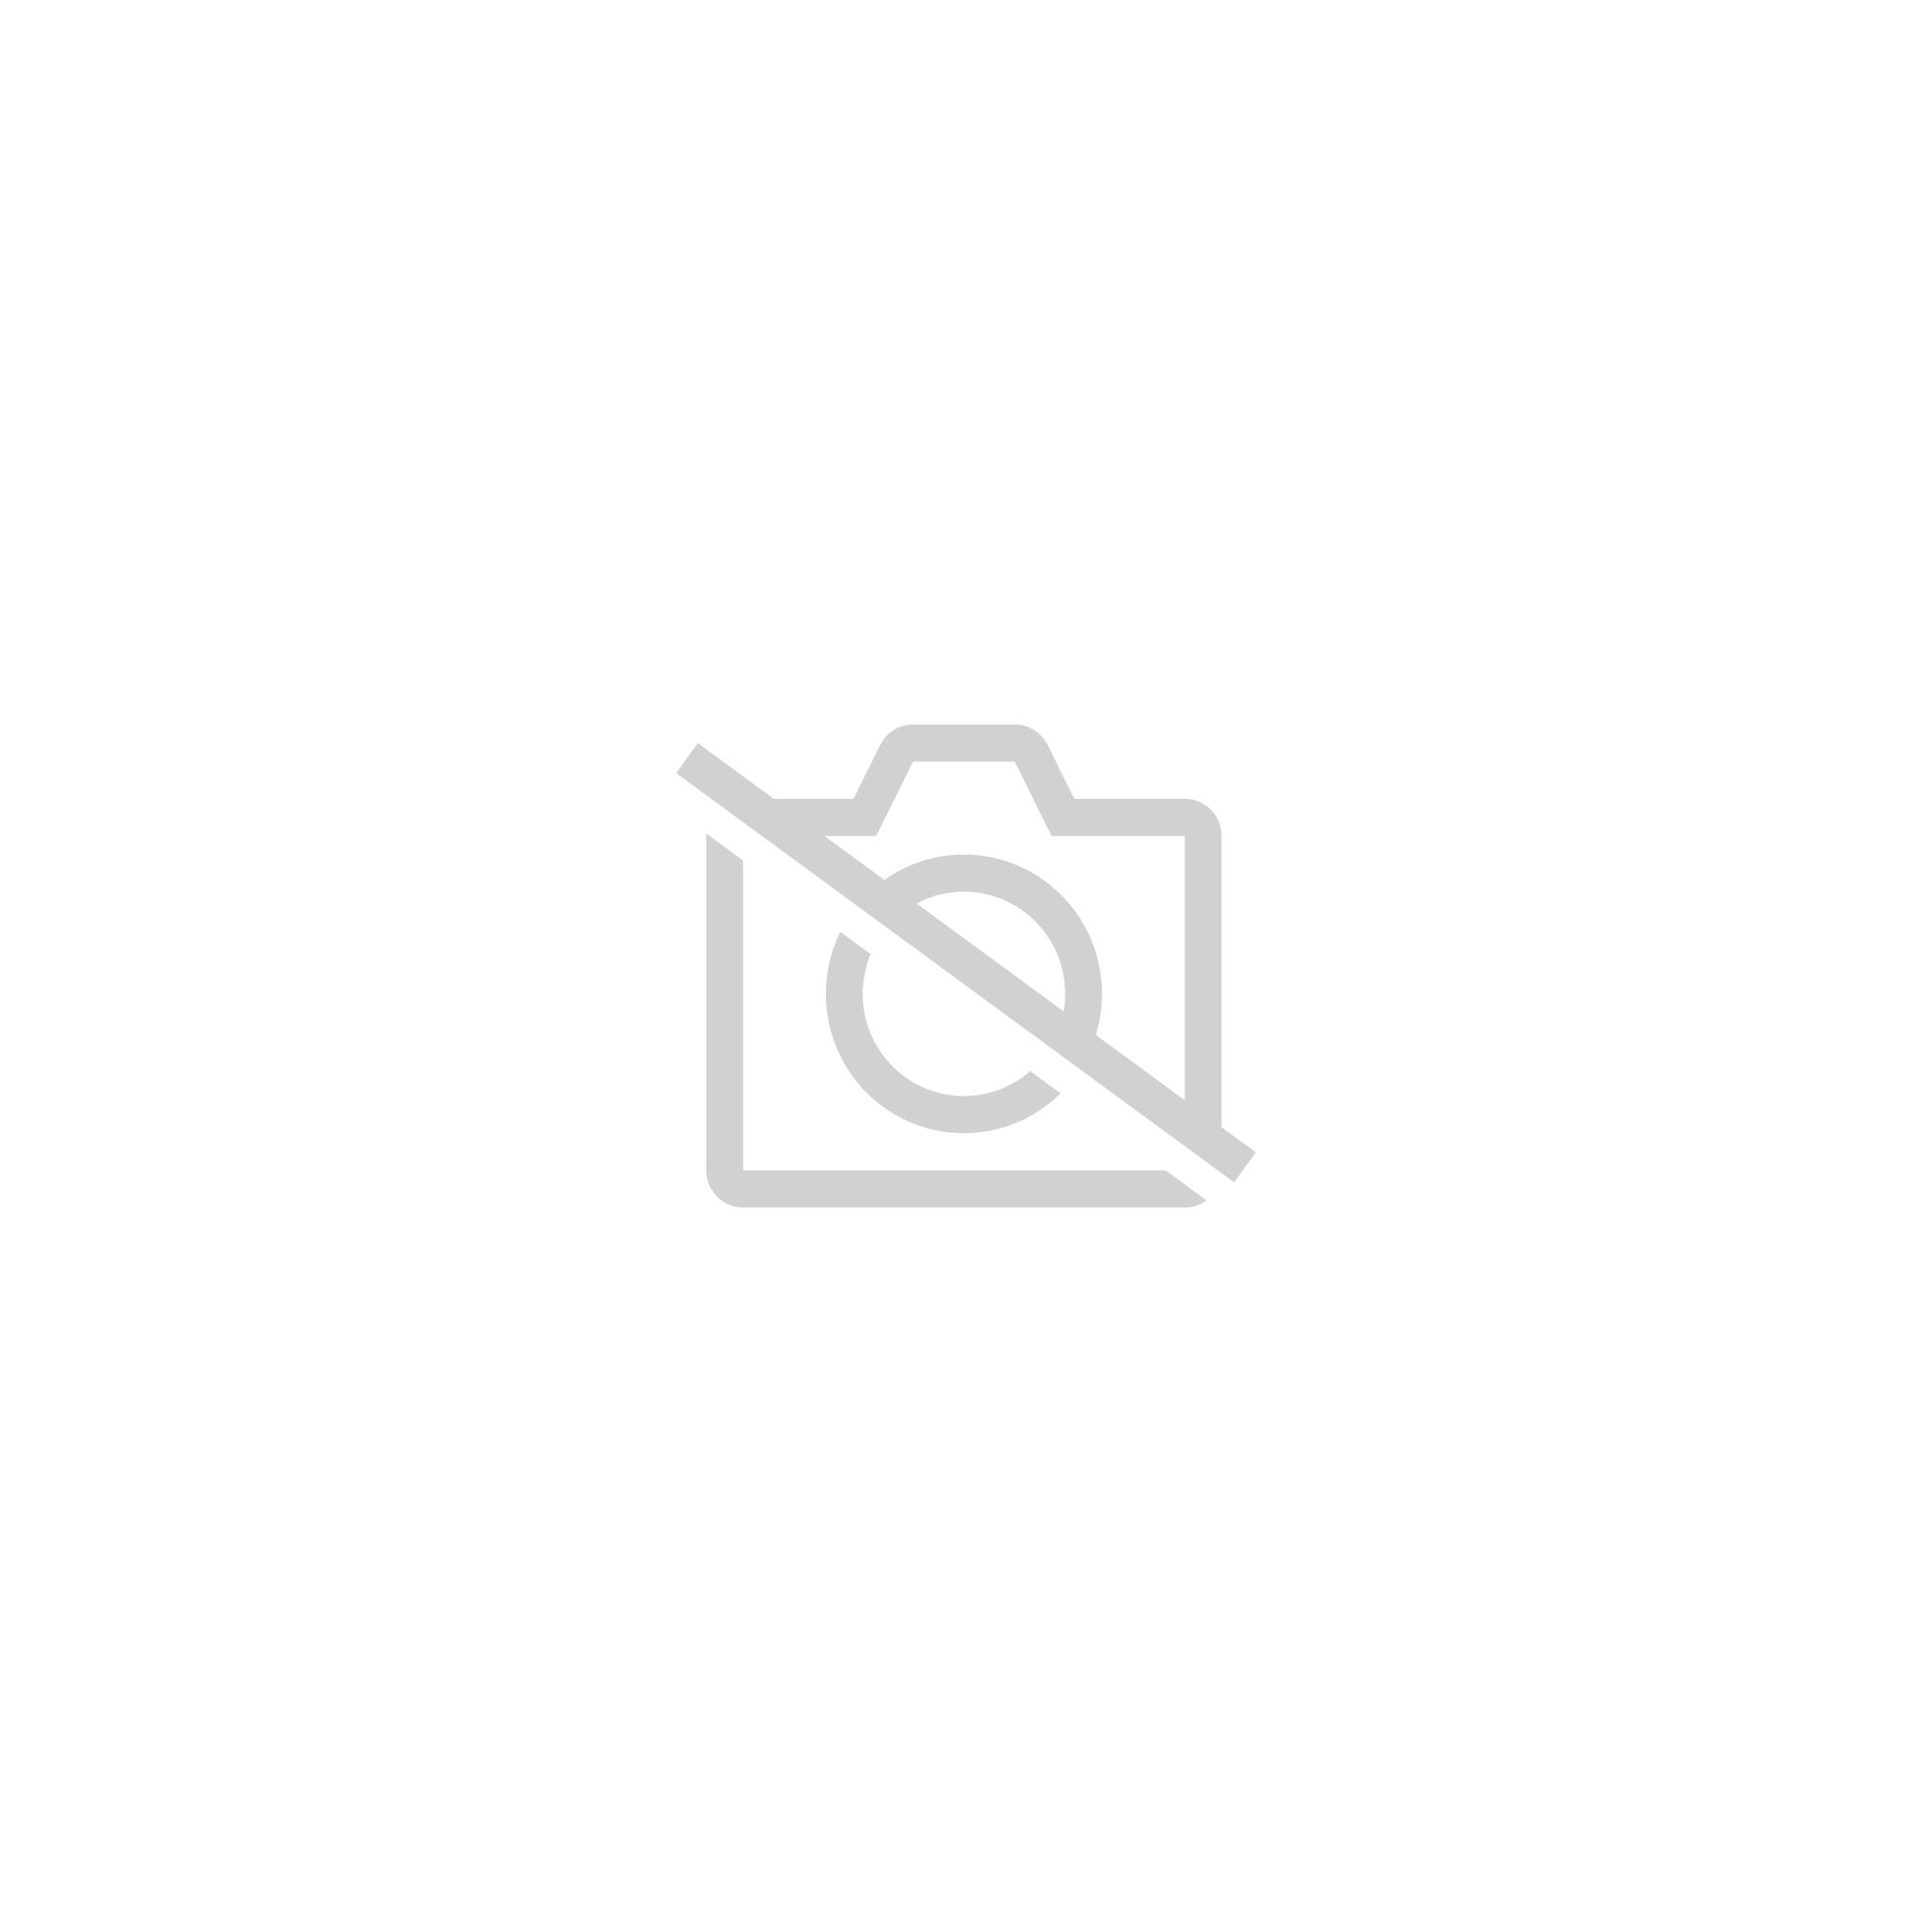 DYMO LabelMANAGER 120P - Étiqueteuse - N&B - transfert thermique - Rouleau (1,2 cm)